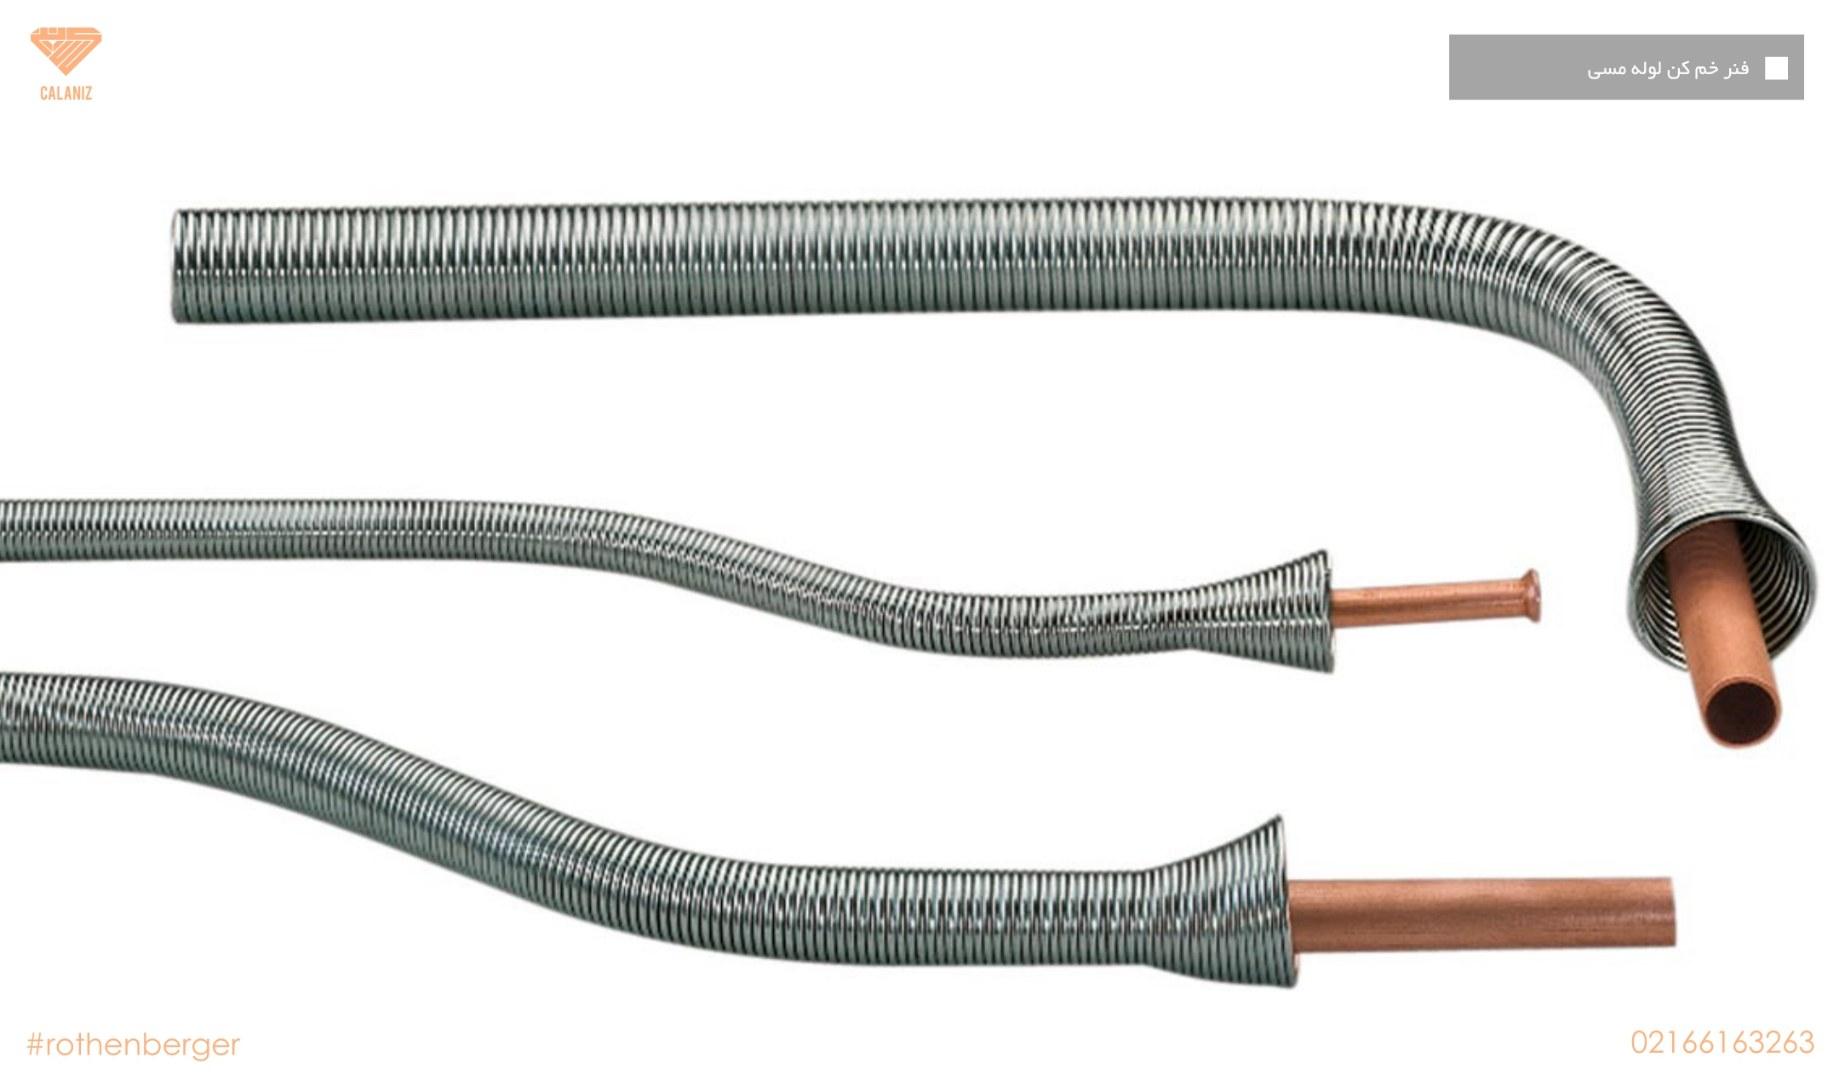 دستگاه لوله خم کن دستی روتنبرگر آلمان – مدل MAXI خلاصه: دستگاه دستی خم کن لوله تا زاویه 90 درجه از سایز 12 تا 26 میلیمتر (3/8 تا 7/8 اینچ)